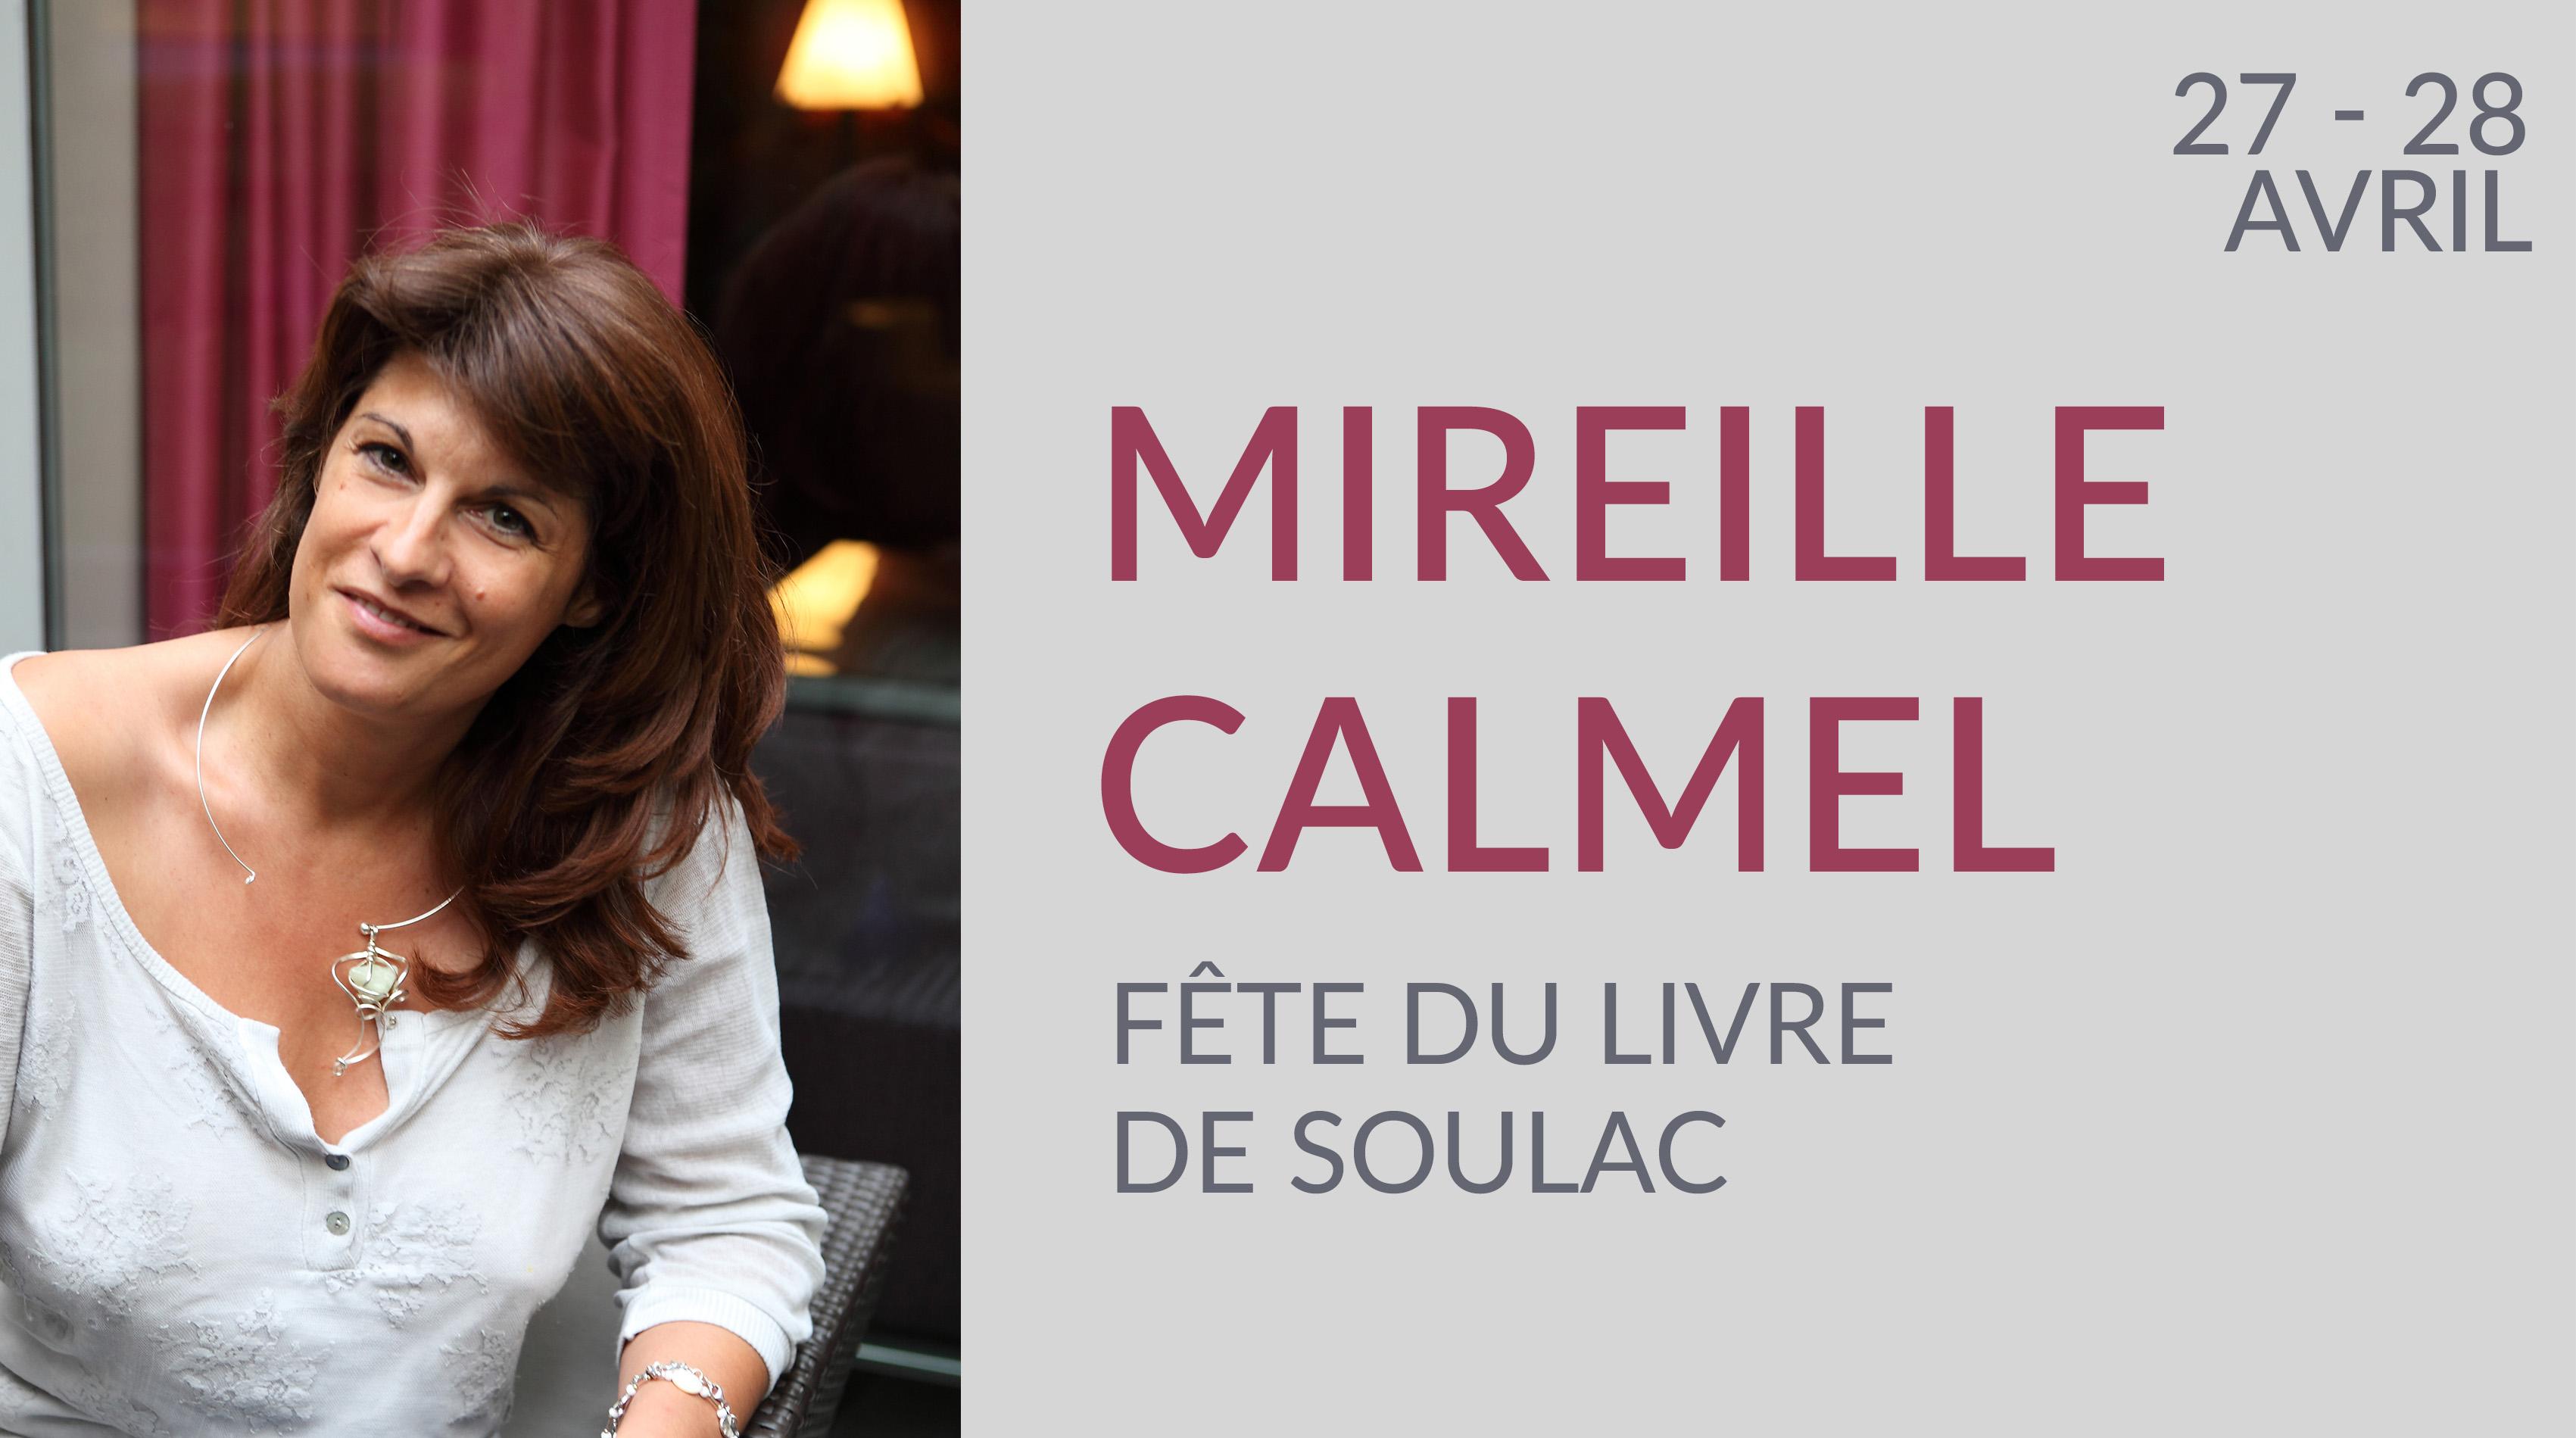 MIREILLE CALMEL À LA FÊTE DU LIVRE DE SOULAC